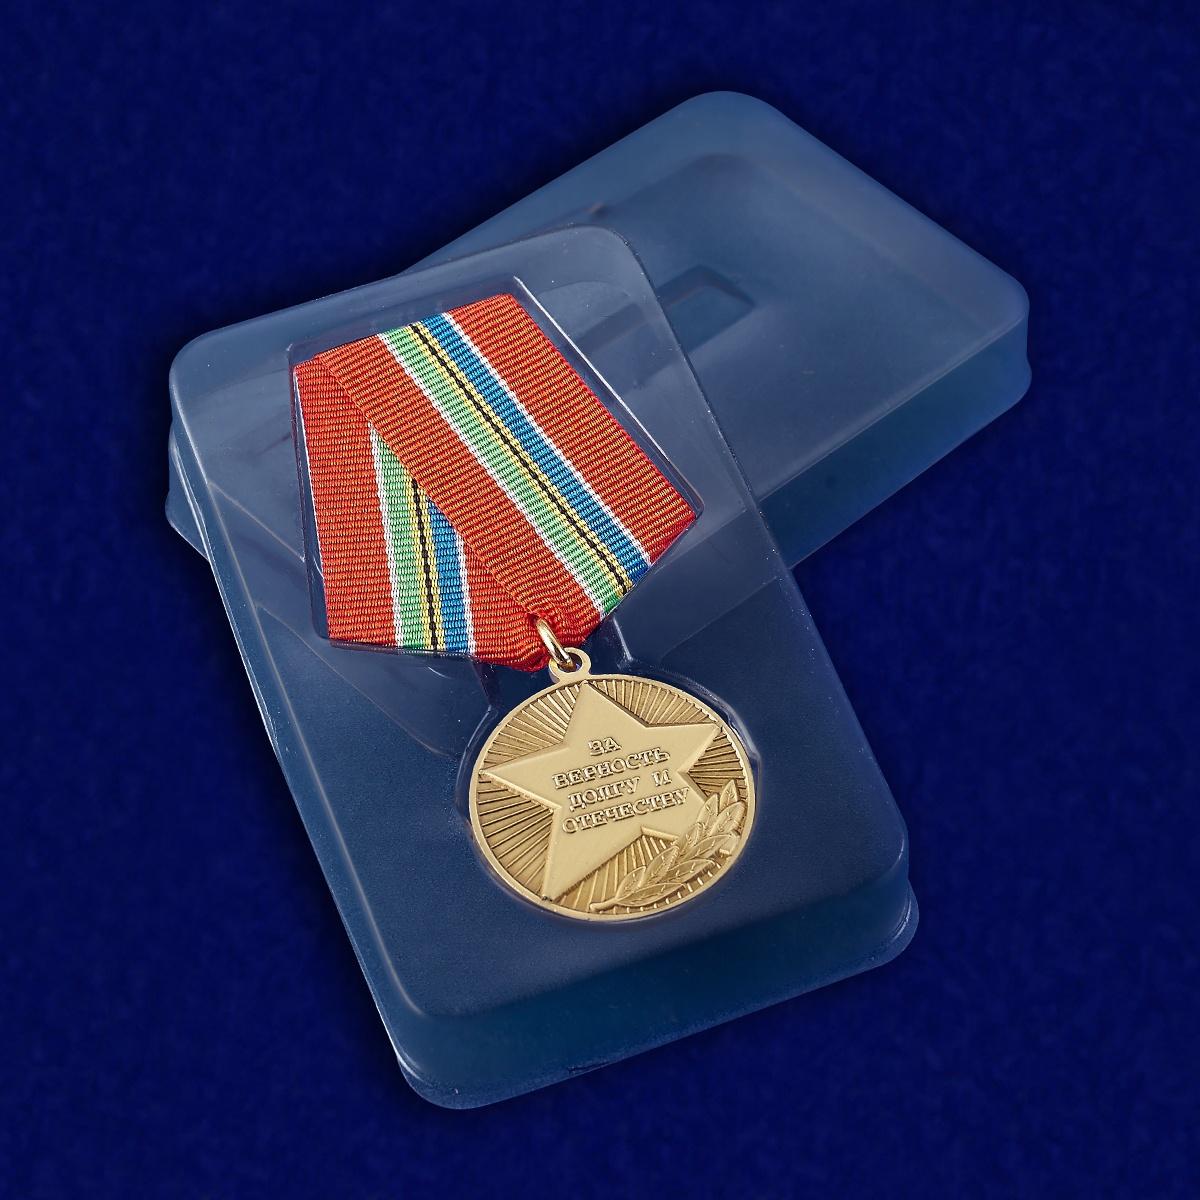 Медаль За верность долгу и Отечеству - в пластиковом футляре